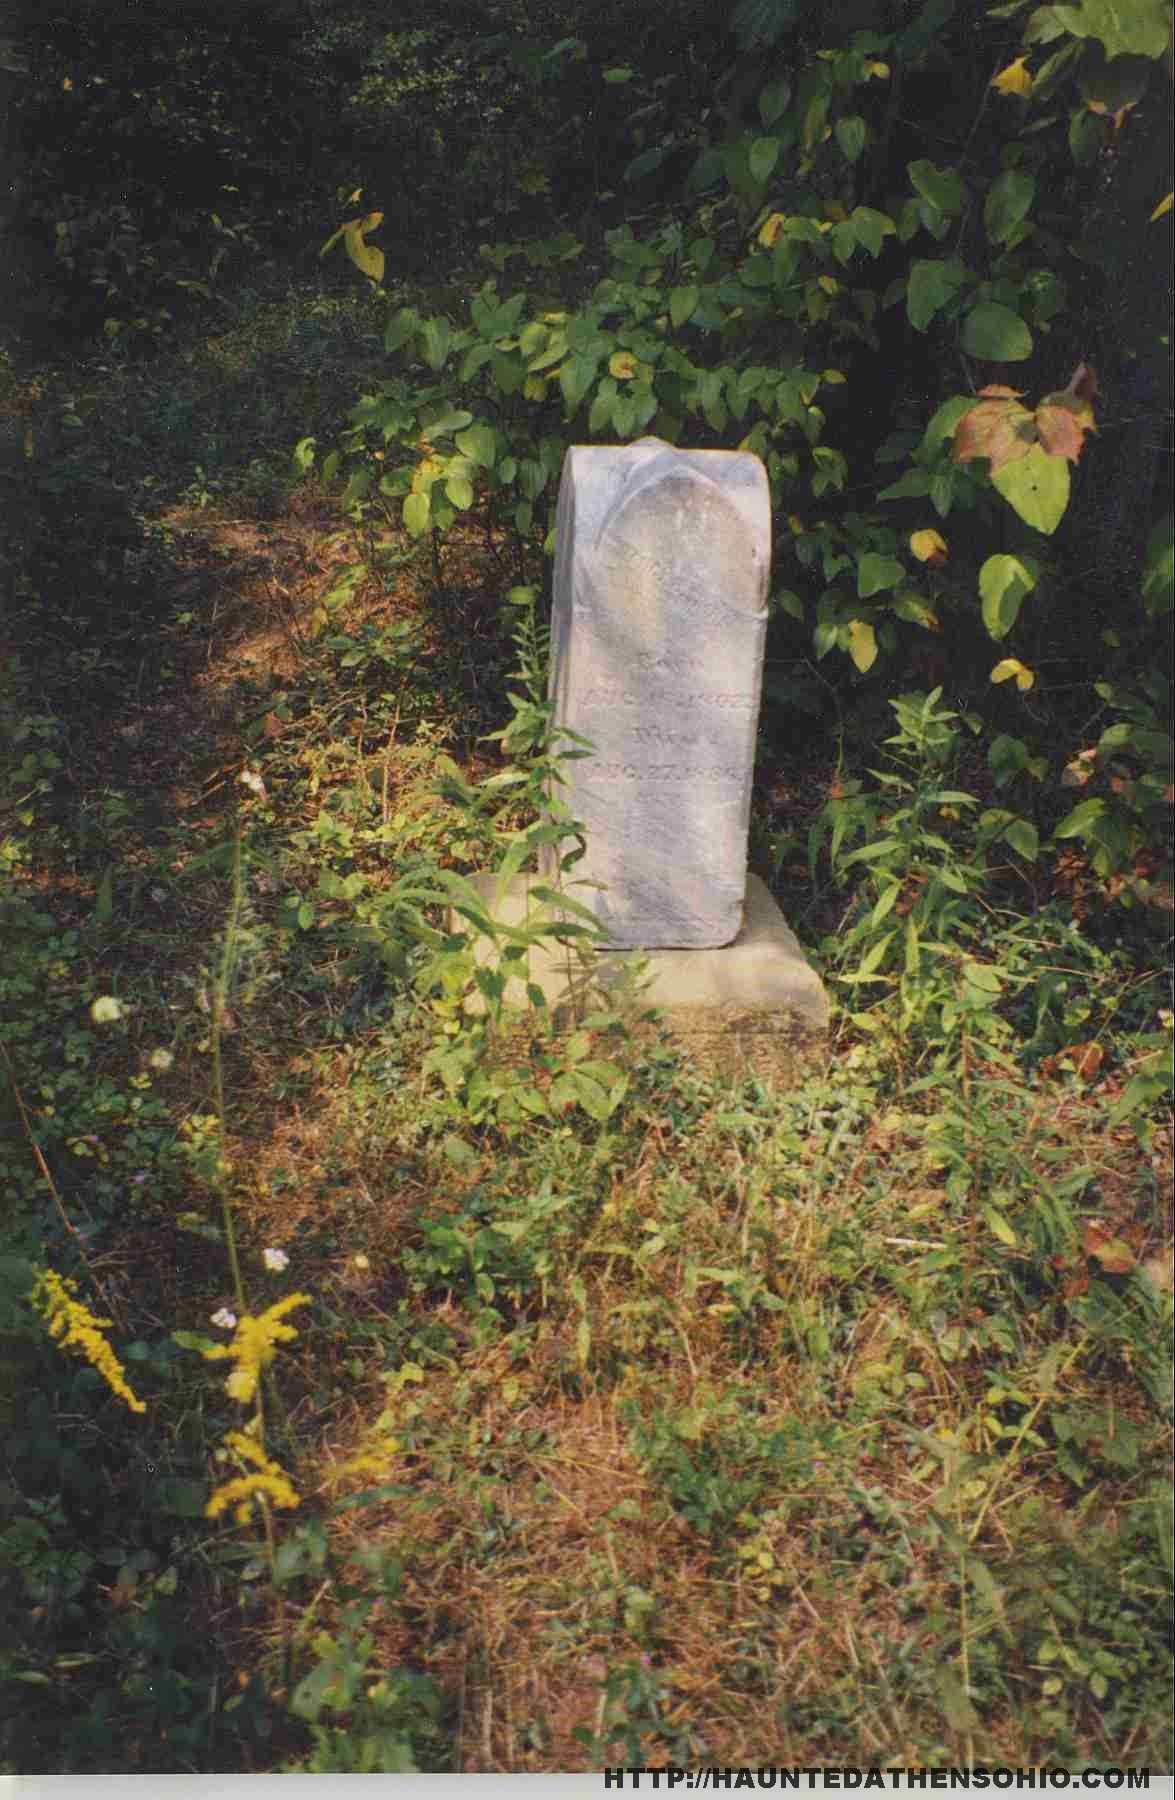 Simms Cemetery Athens Ohio Athens ohio, Athens, Ohio history